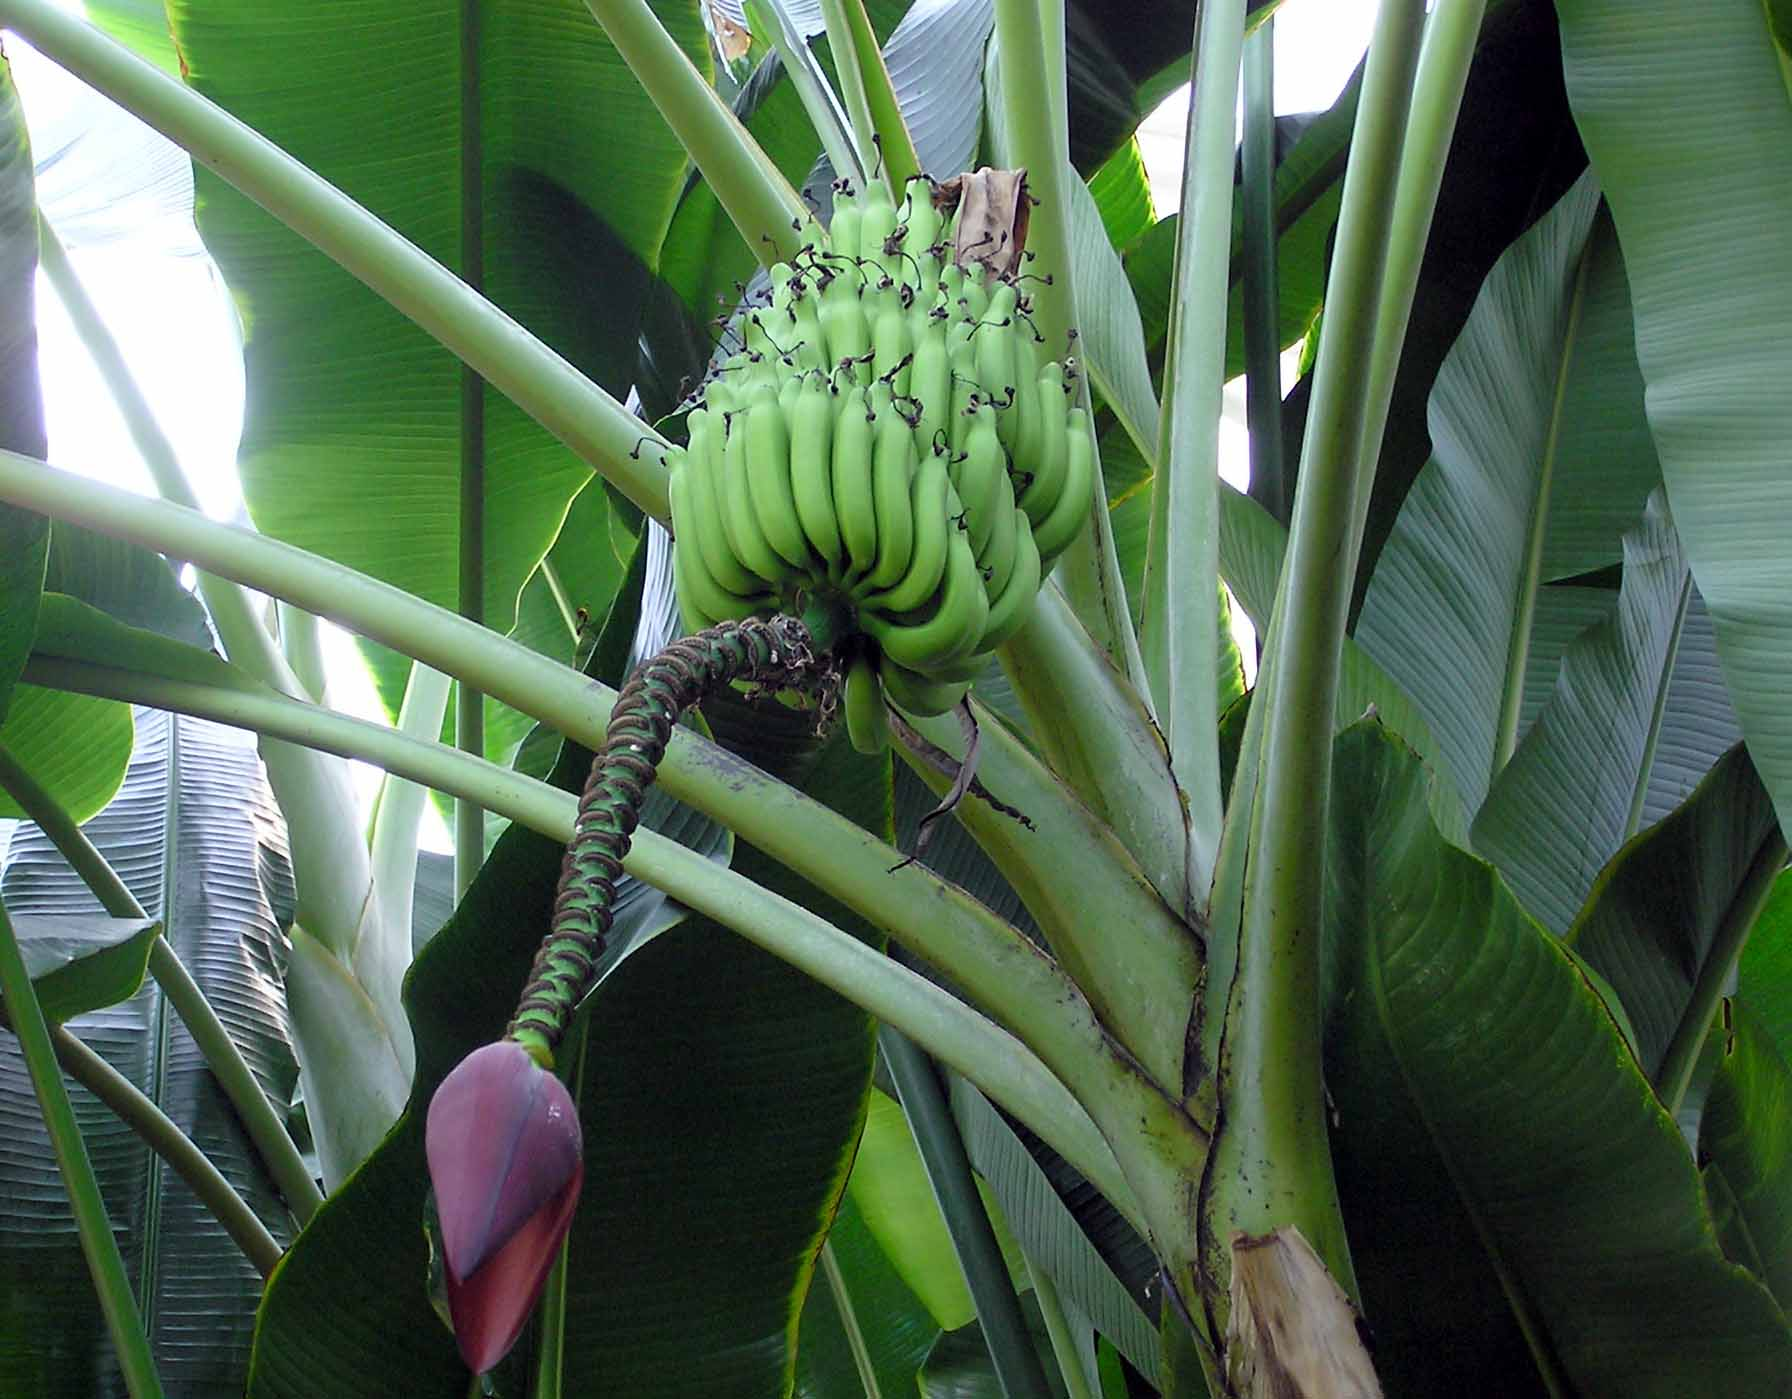 banane-della-costa-rica-sono-le-migliori-al-mondo